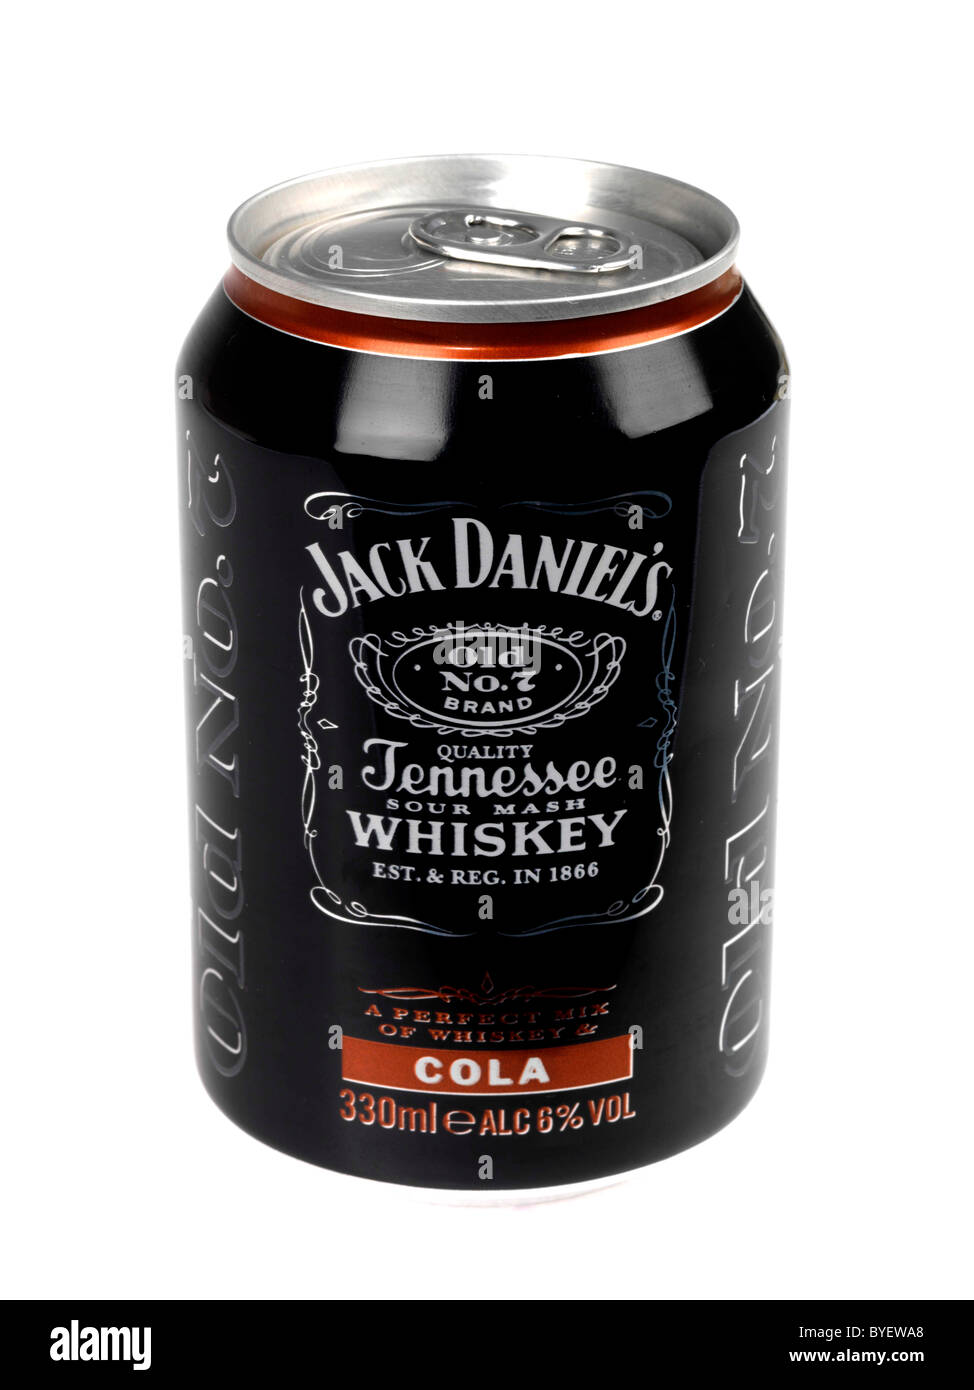 Jack Daniels Cola Drink Stockfotos und bilder Kaufen Alamy